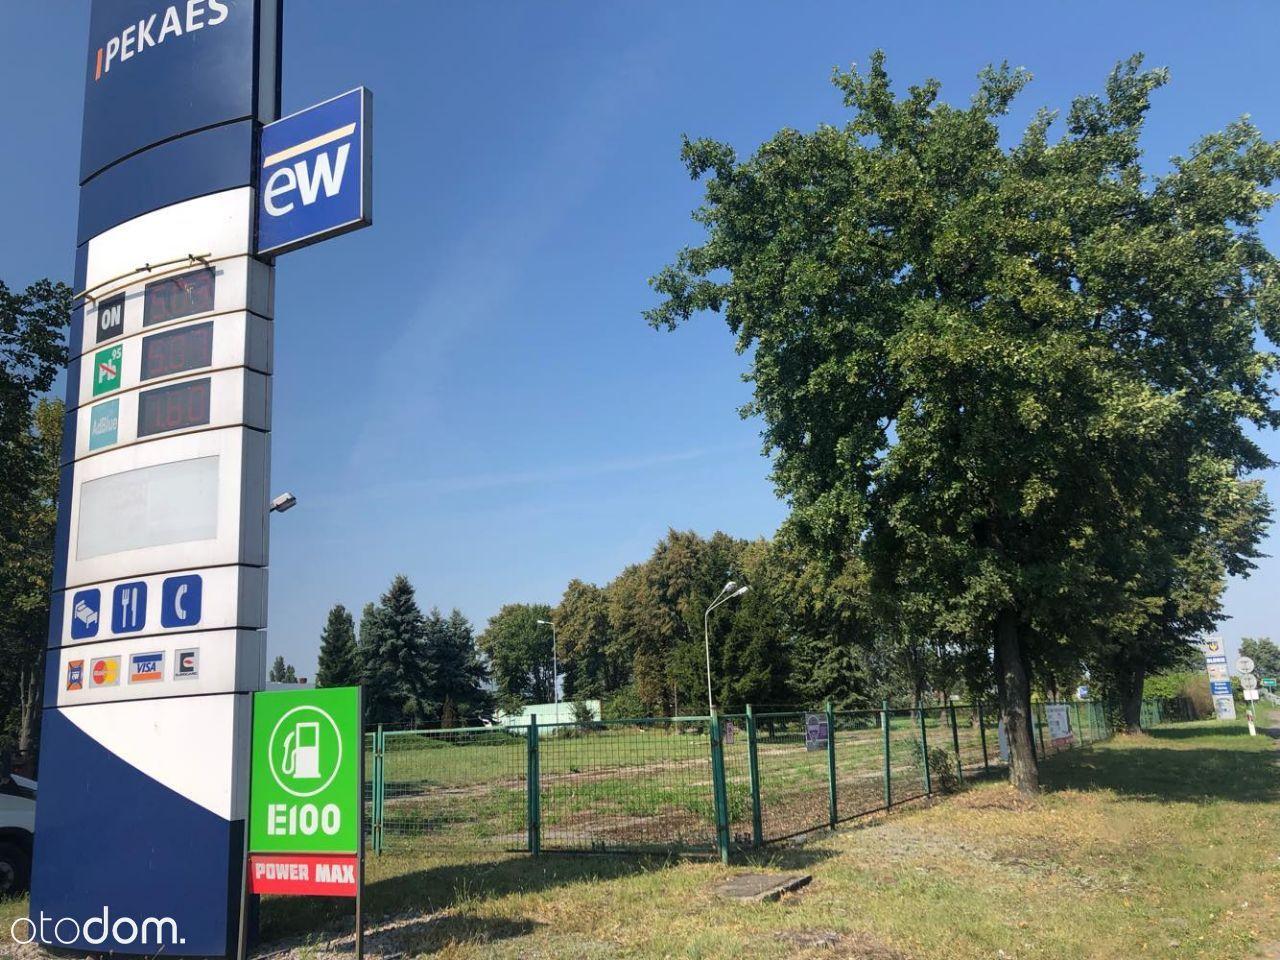 miejsca postojowe koło stacji paliw PEKAES.